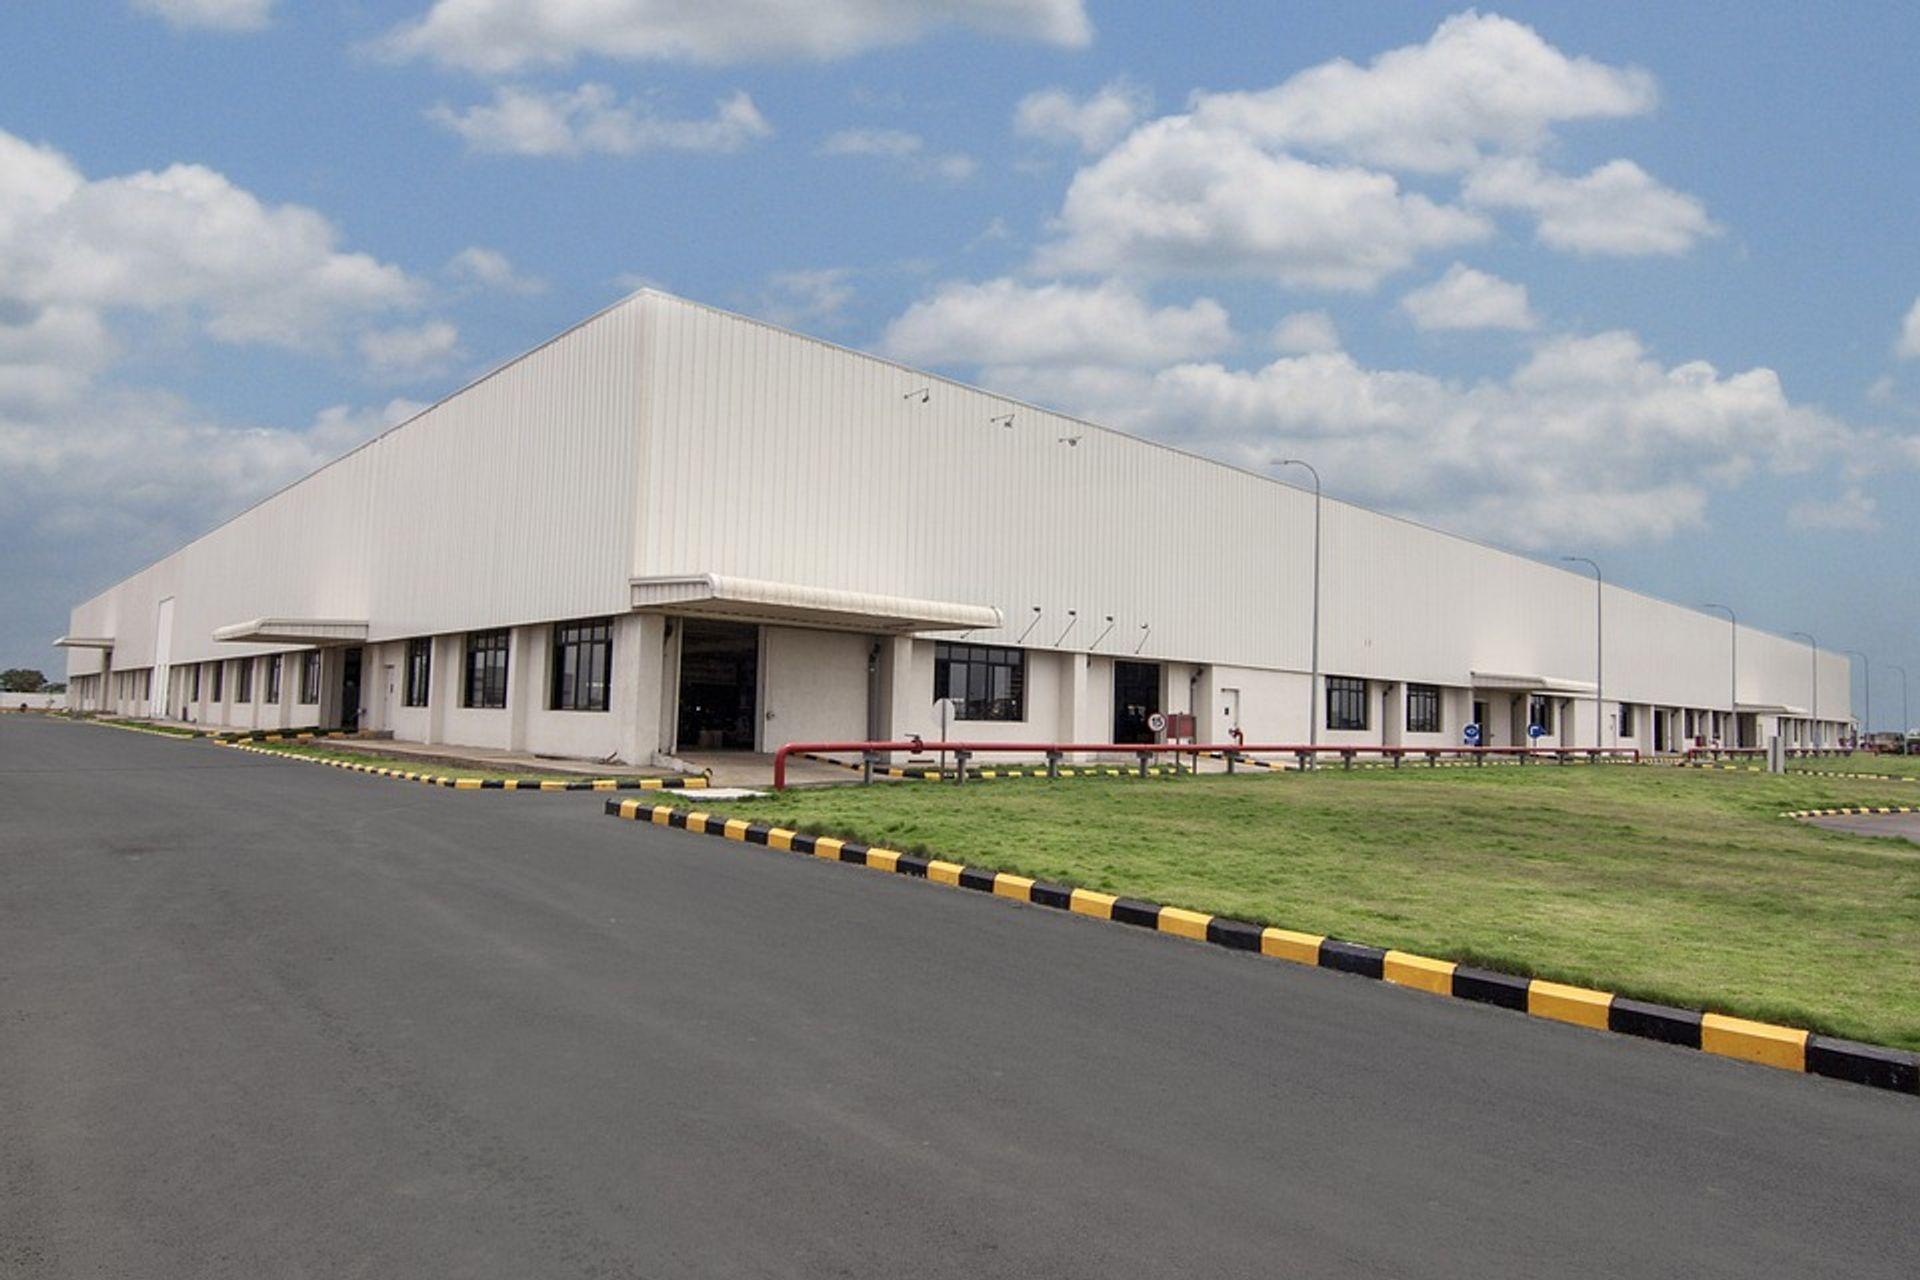 [Dolny Śląsk] MKR Group planuje budowę fabryki w Strzelinie. Będzie 300 nowych miejsc pracy